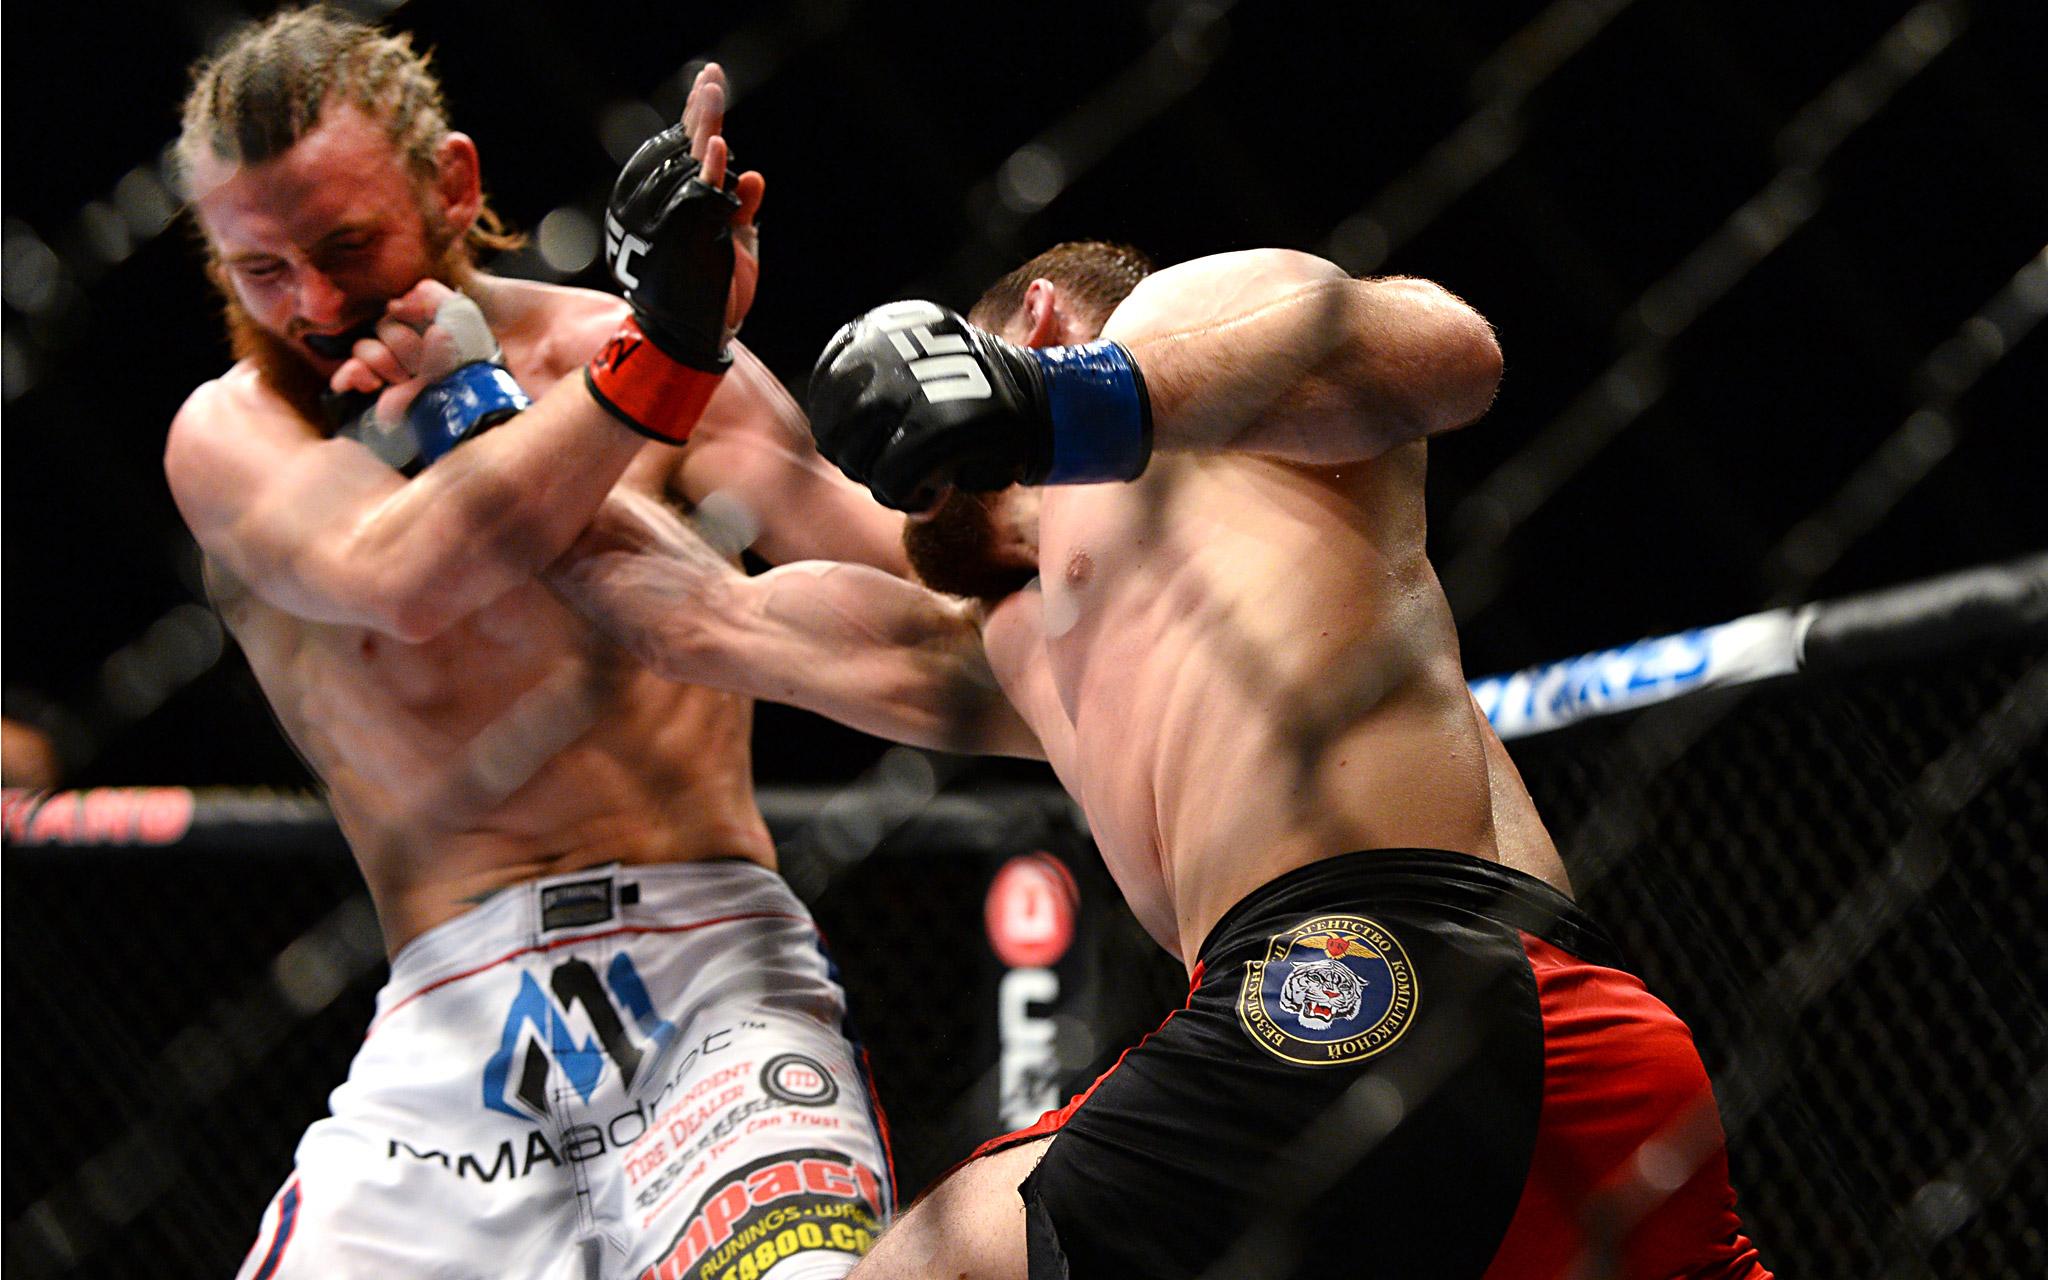 Cat Zingano how to watch williamhill full screen kontakt williamhill online calls return to UFC 'refreshing' - MMA Fighting